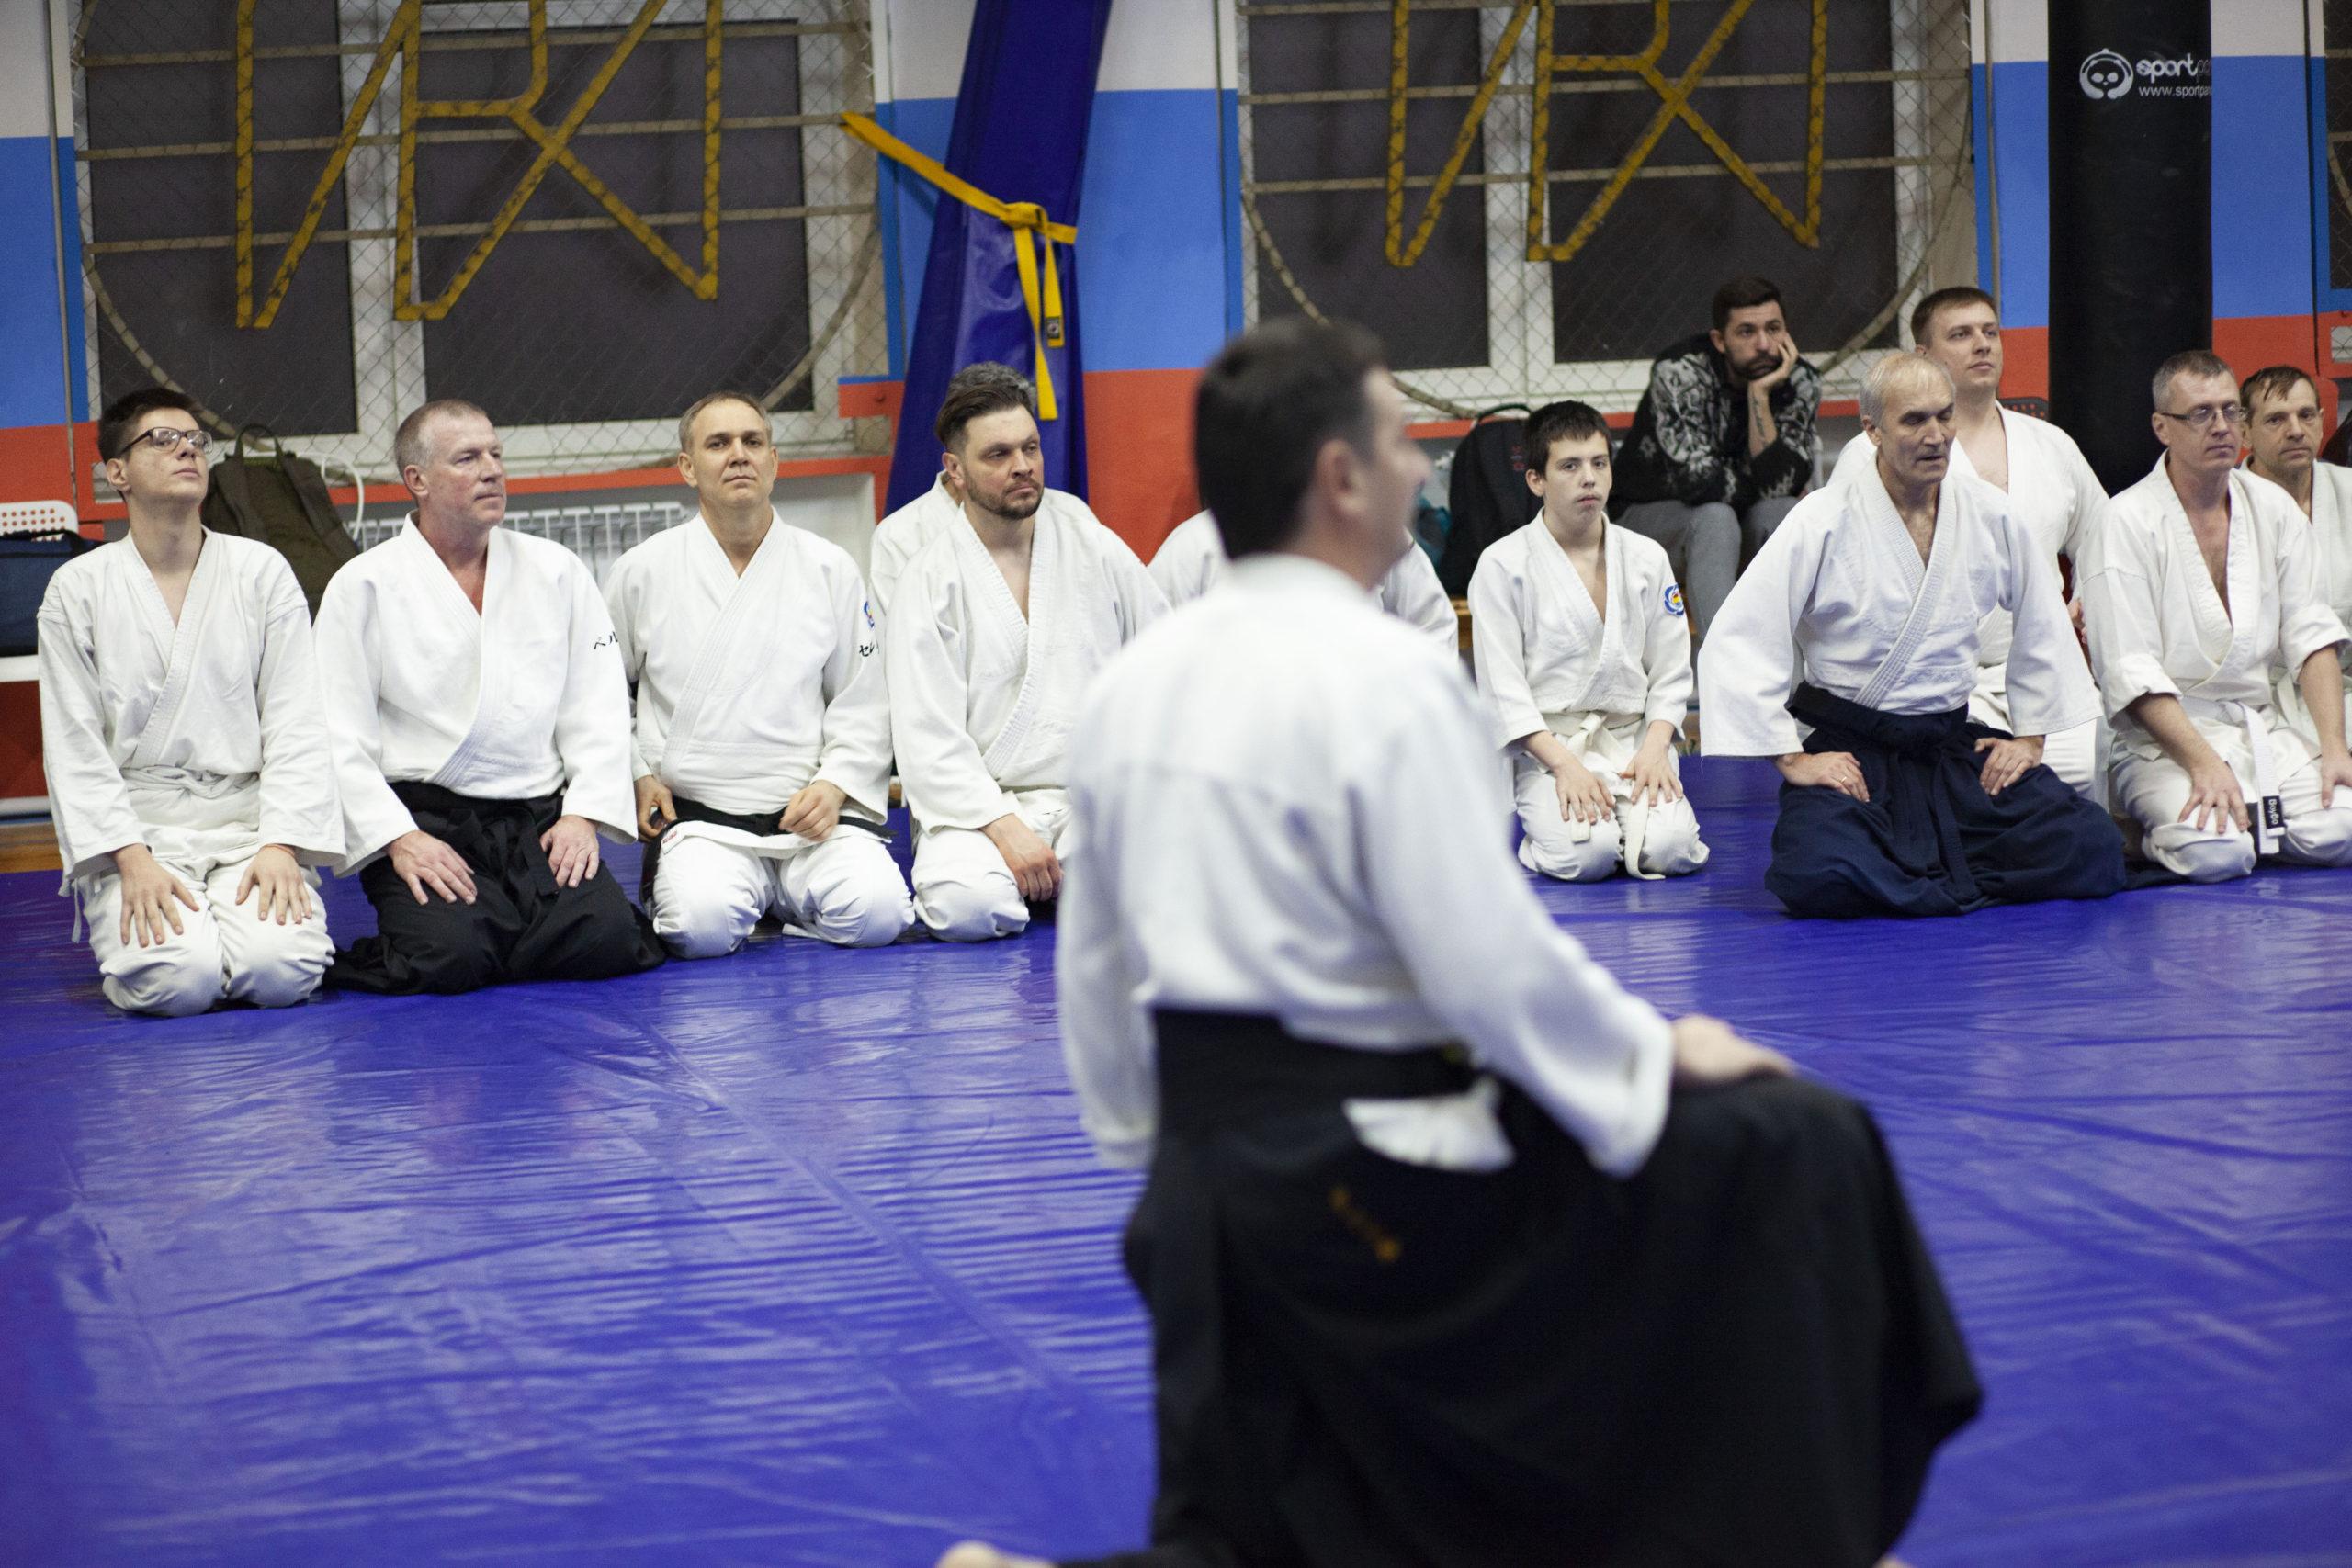 Семинар В.И.Грачёва (6 дан, сидоин) в Ростове-на-Дону